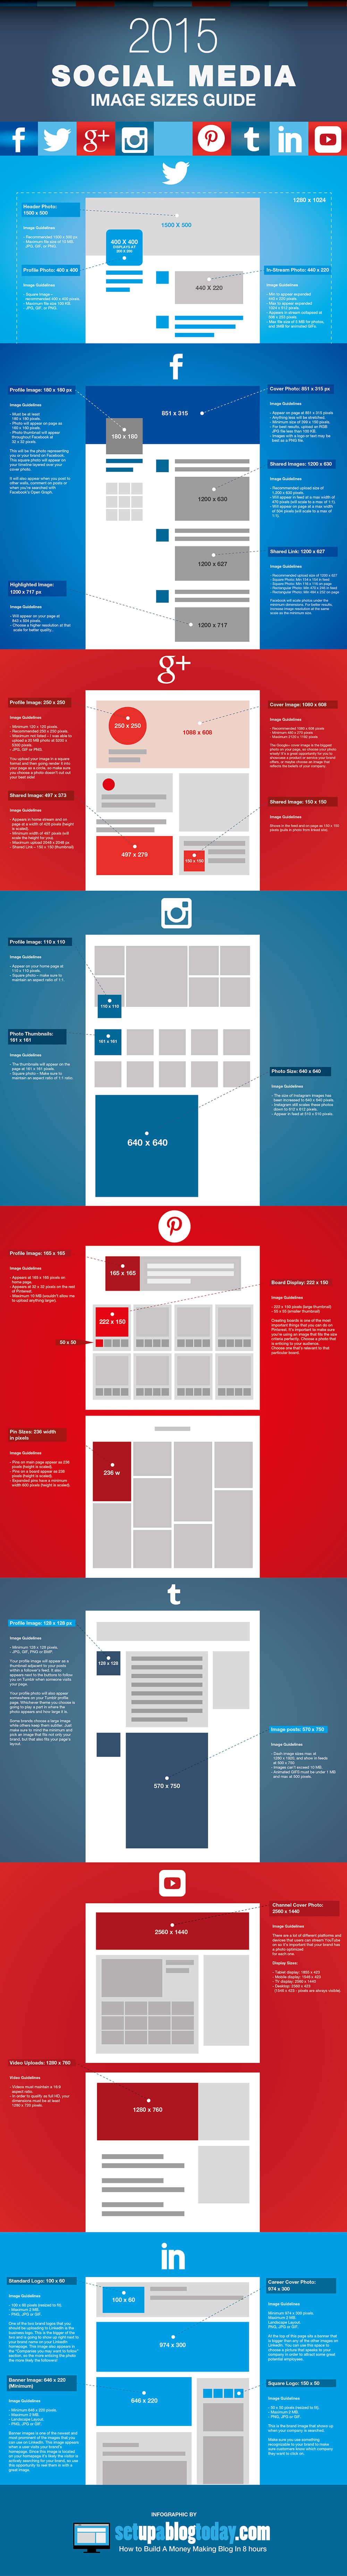 dimensiuni imagini social media